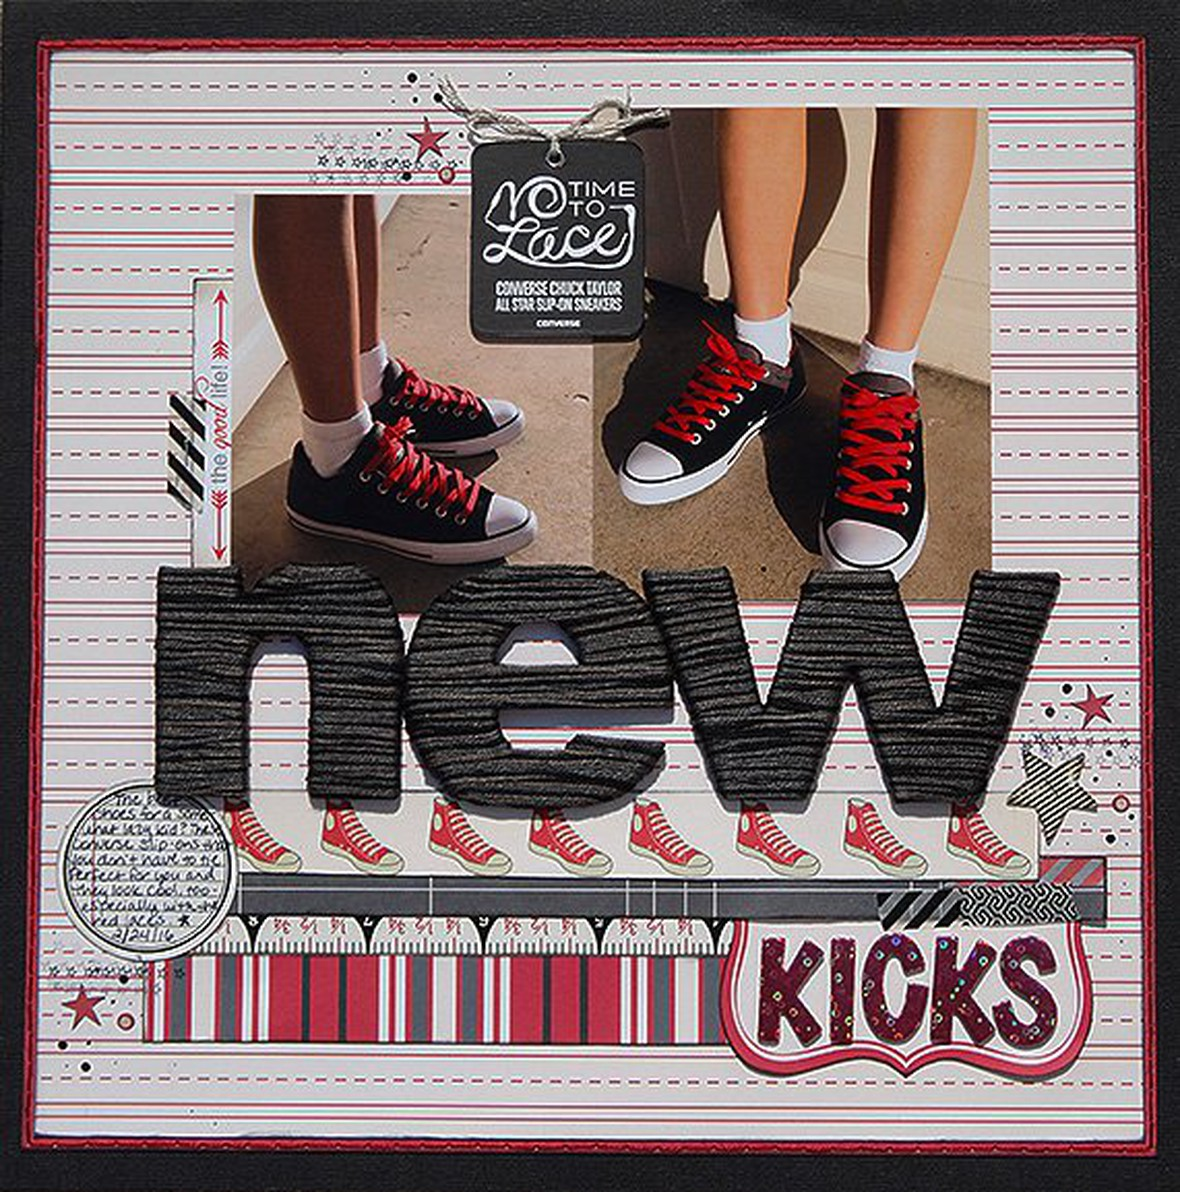 New kicks original